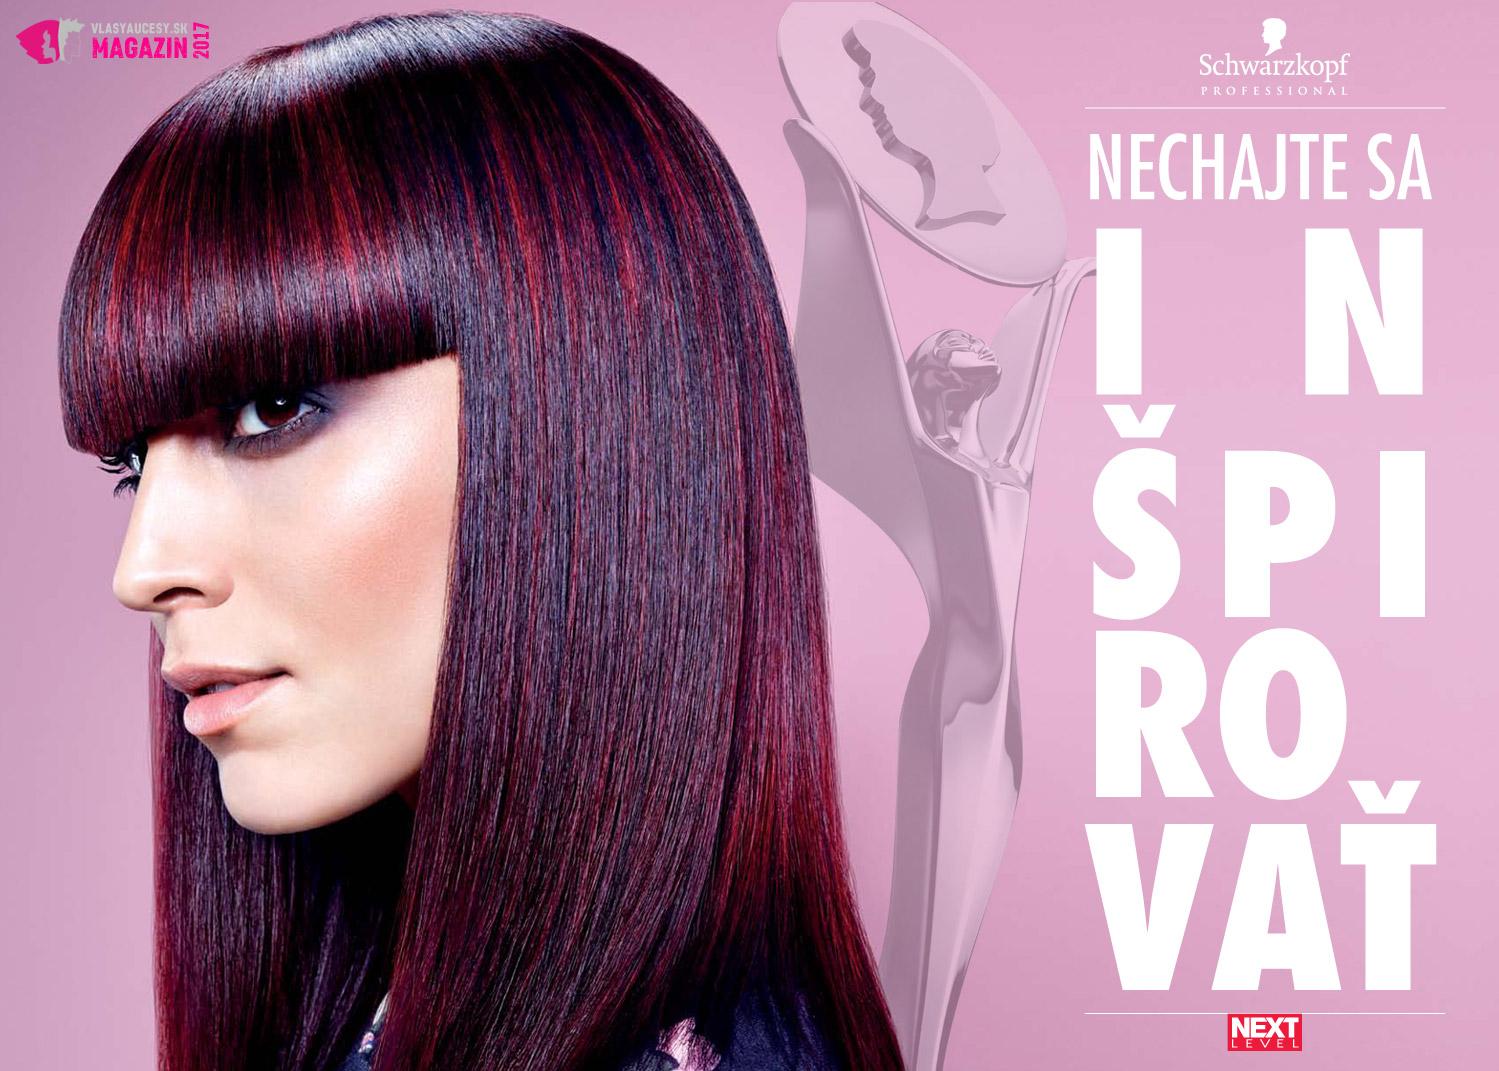 Dajte nový smer svojej kariére vďaka účasti či dokonca umiestneniu v súťaži Czech & Slovak Hairdressing Awards Next Level 2017.